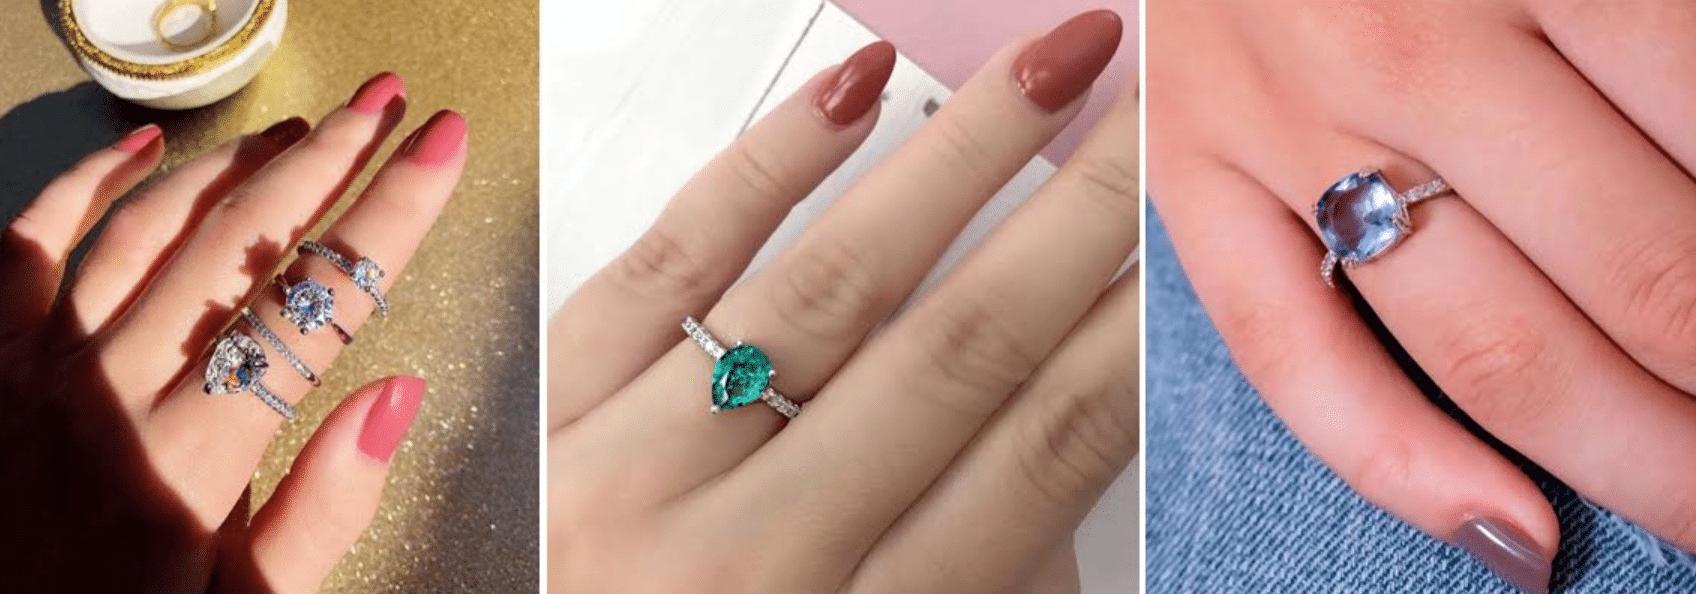 imagens de anéis delicados e minimalistas